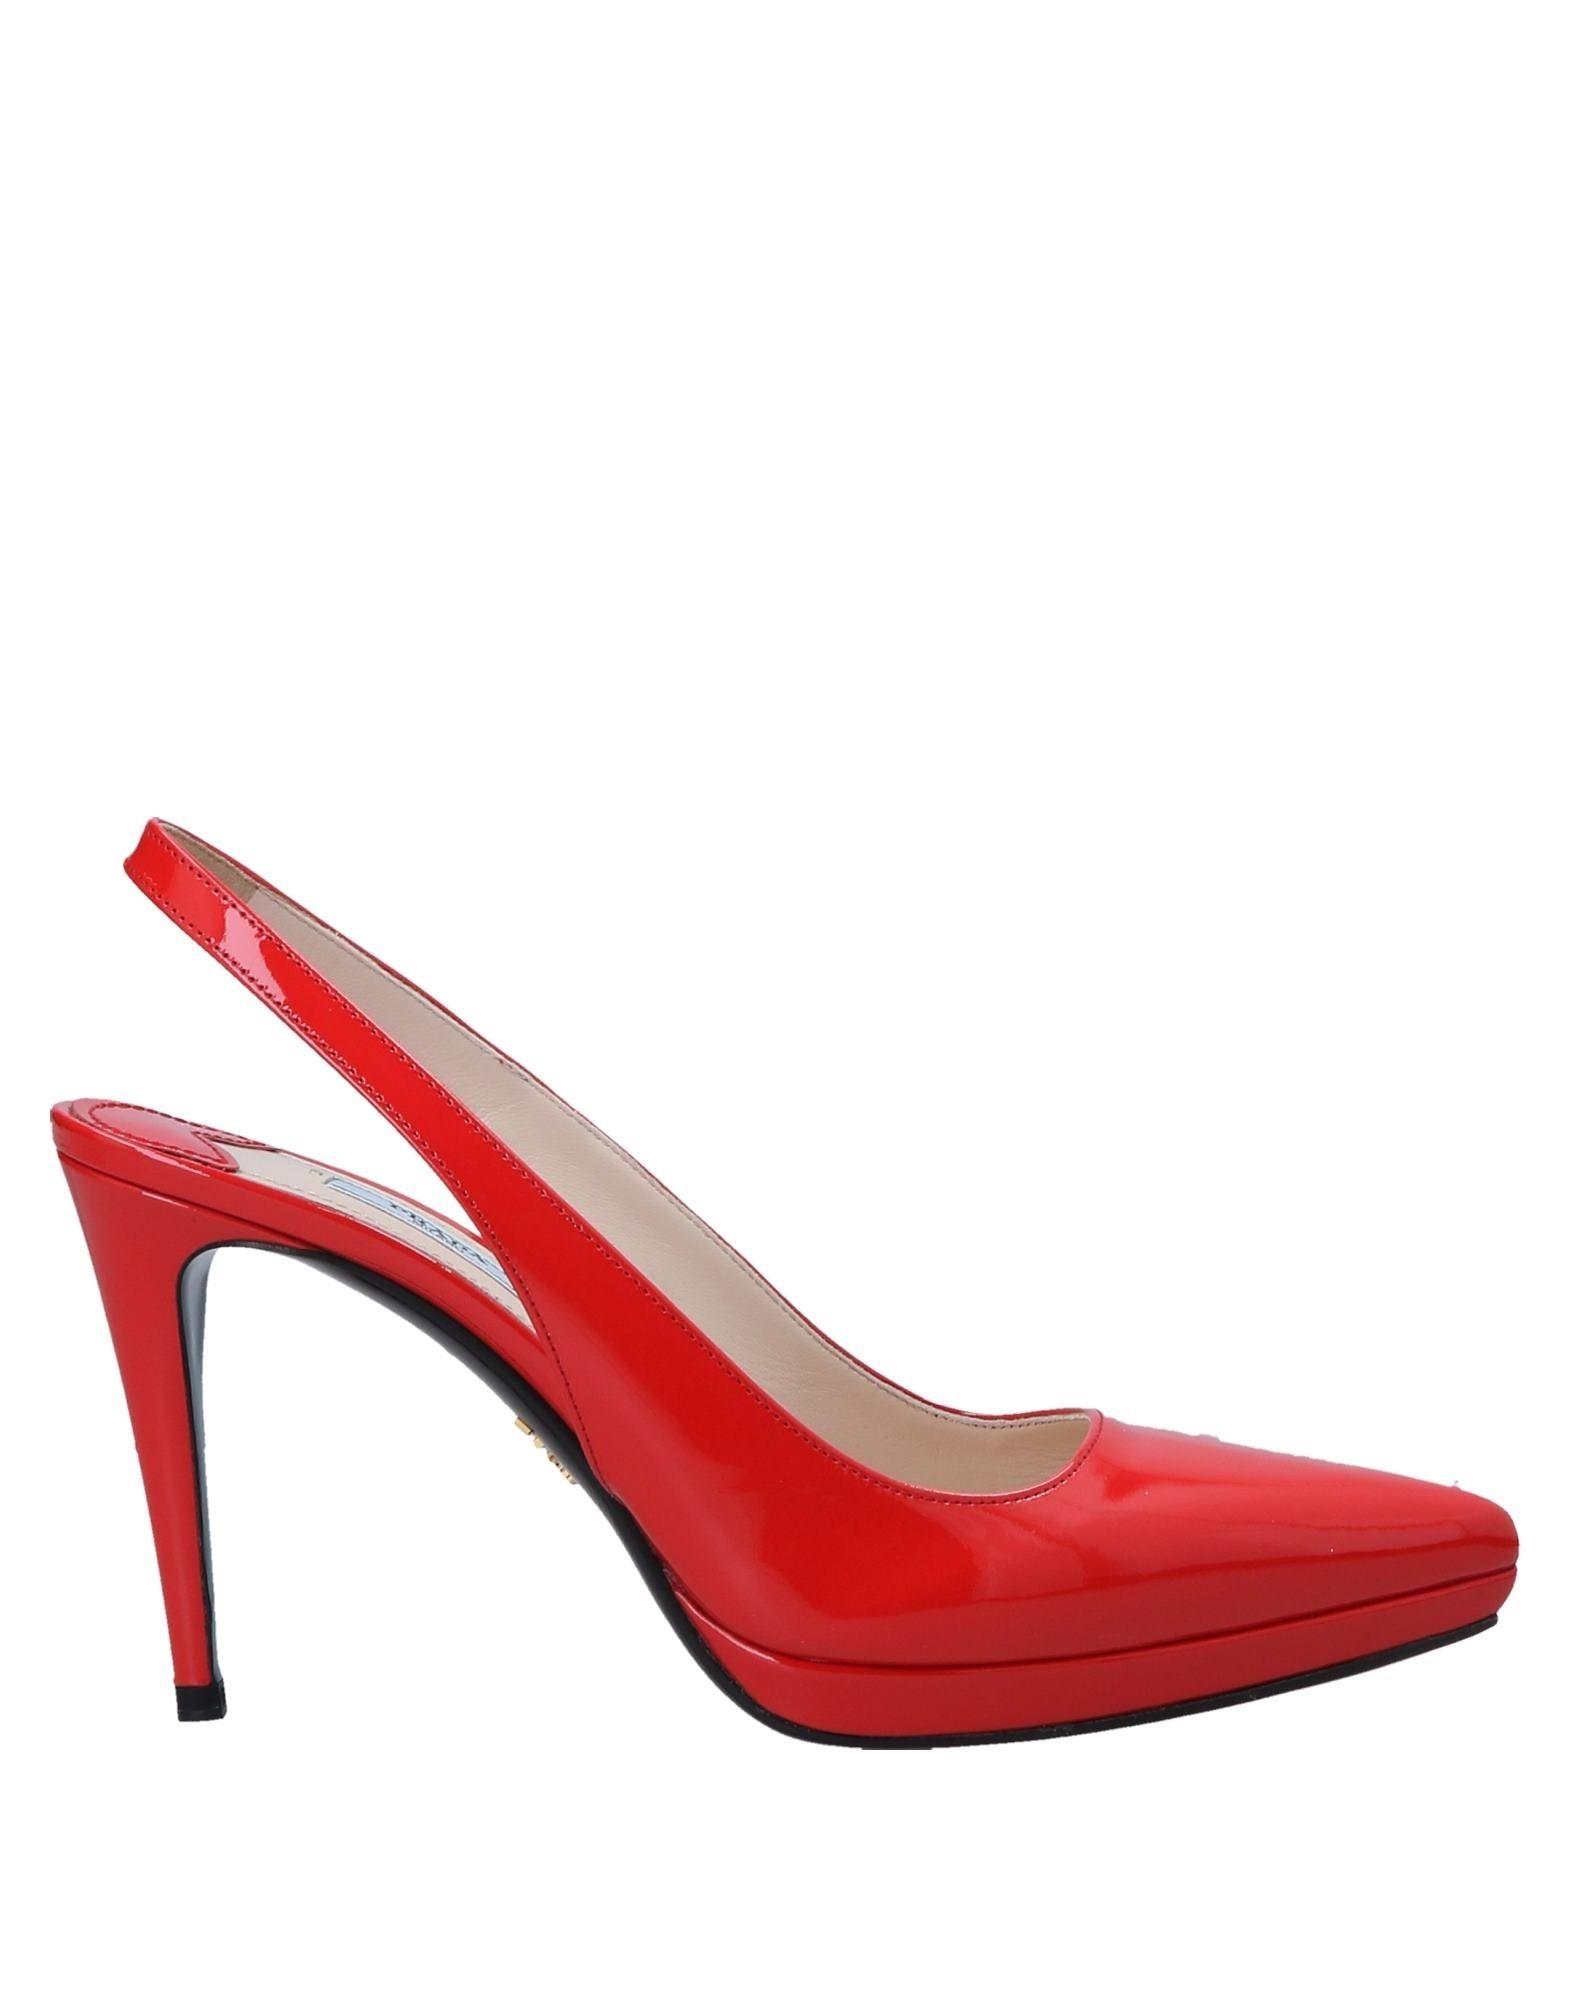 Prada Pumps Damen Schuhe  11154877BIGünstige gut aussehende Schuhe Damen 5e86a2